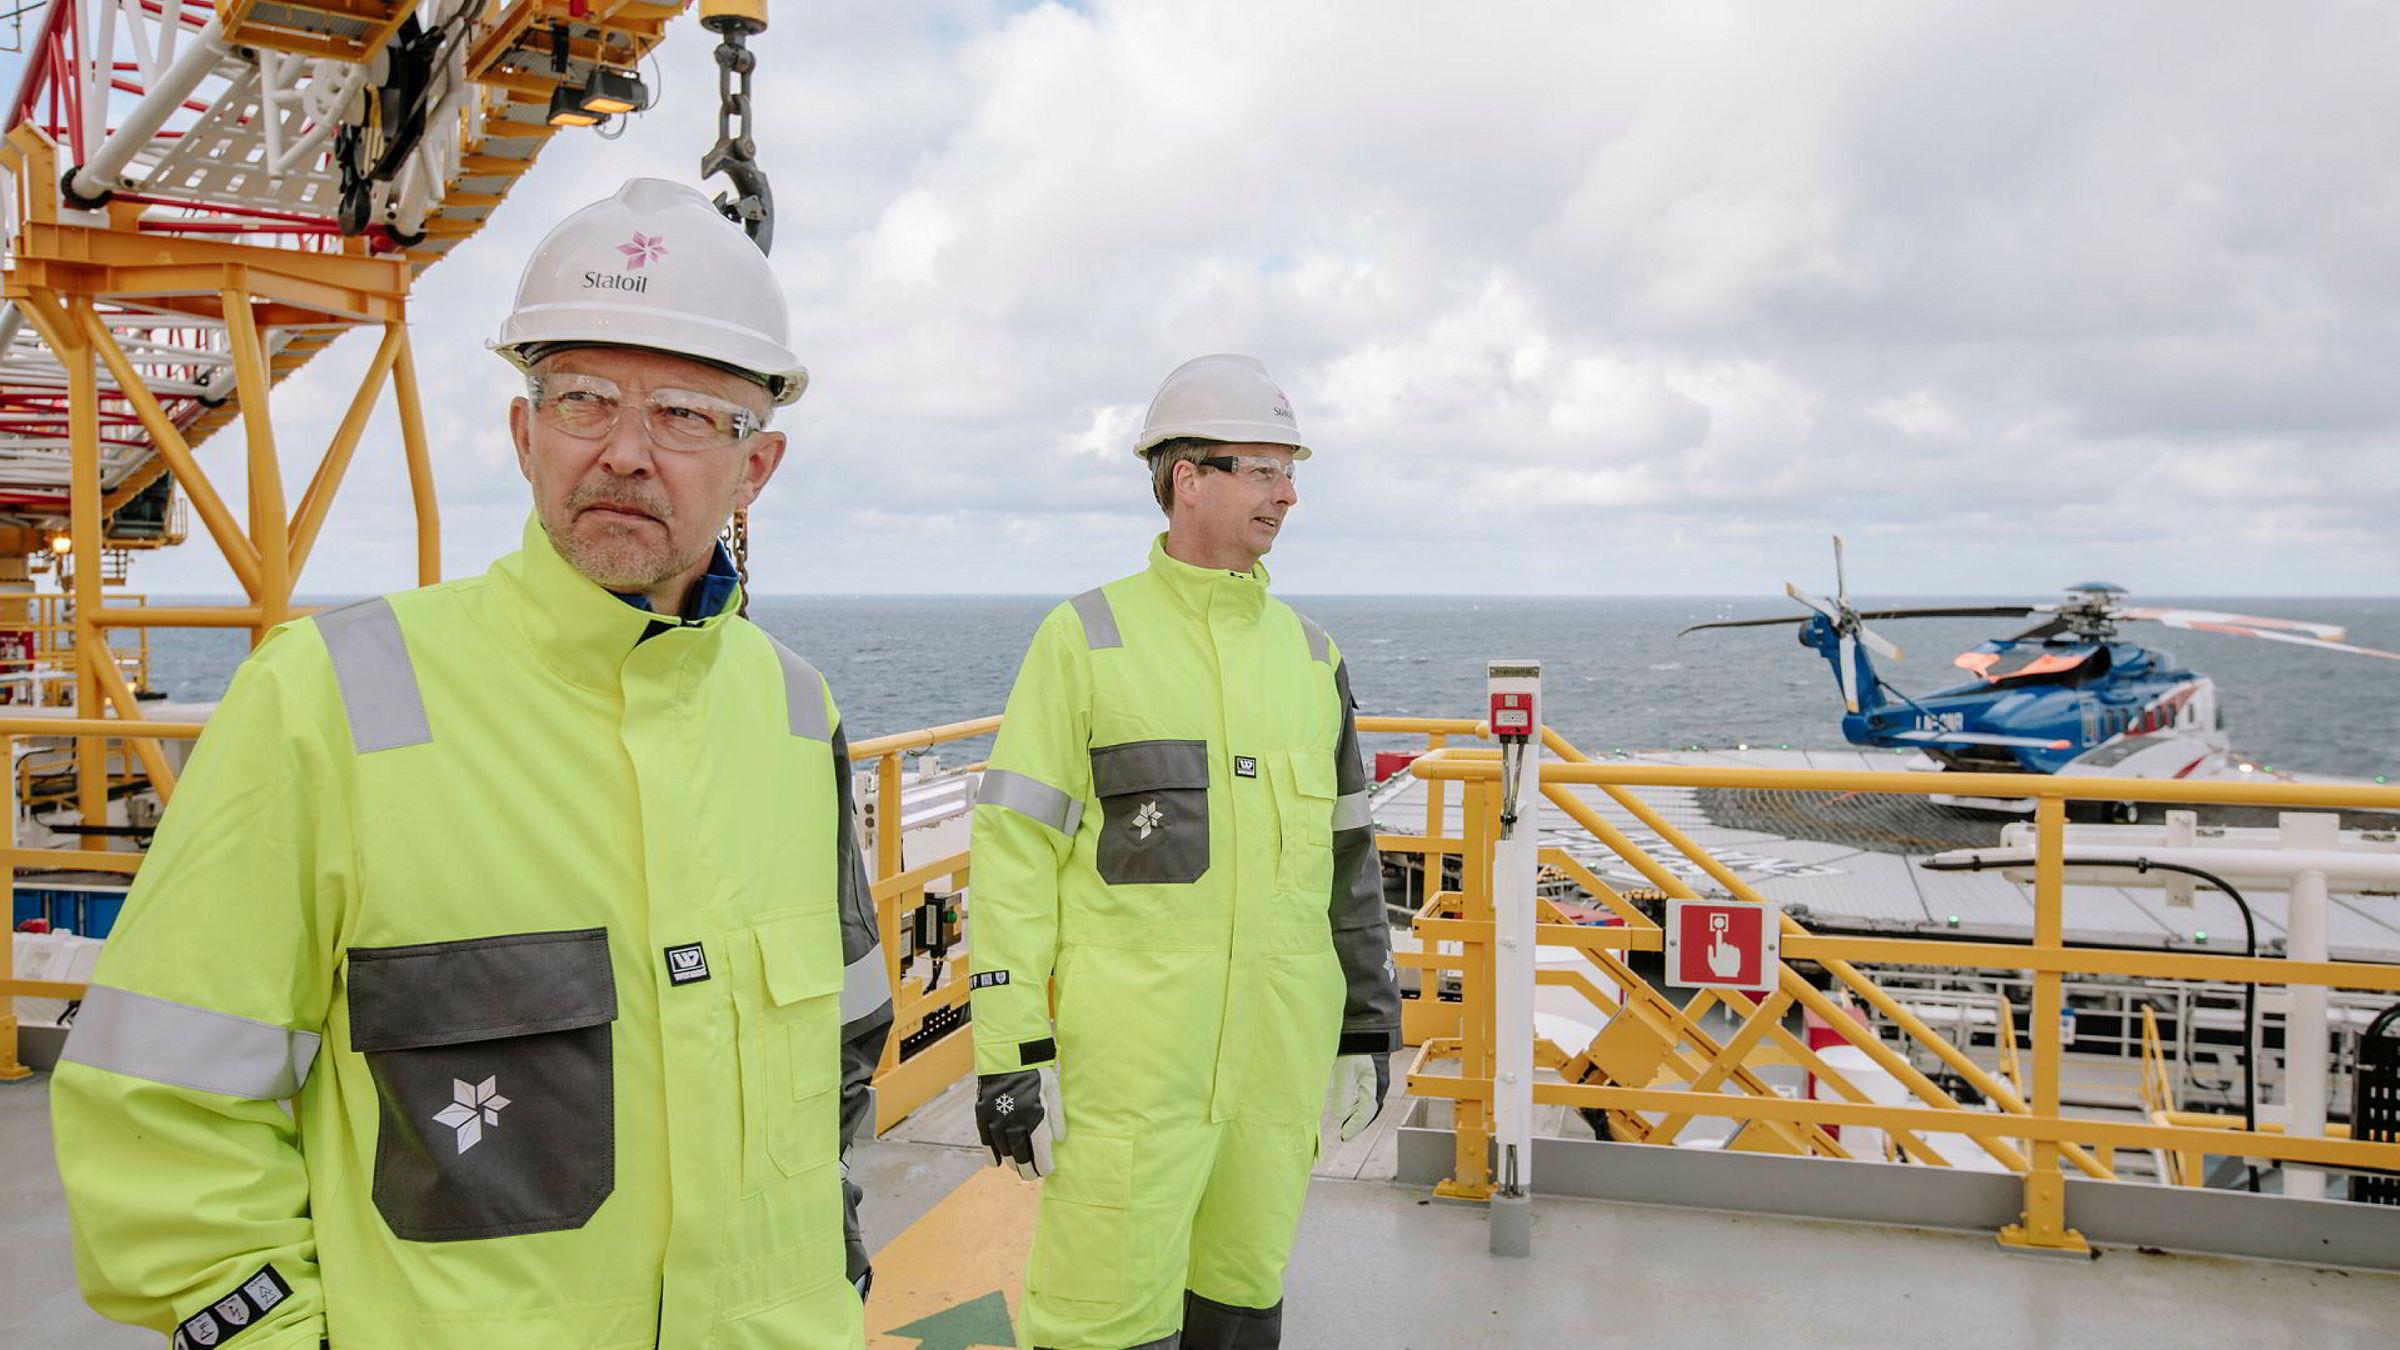 Letesjef i Statoil Tim Dodson og Olje- og energiminister Terje Søviknes på boreriggen Songa Enabler, som skal bore fem letebrønner for Statoil i Barentshavet i år.